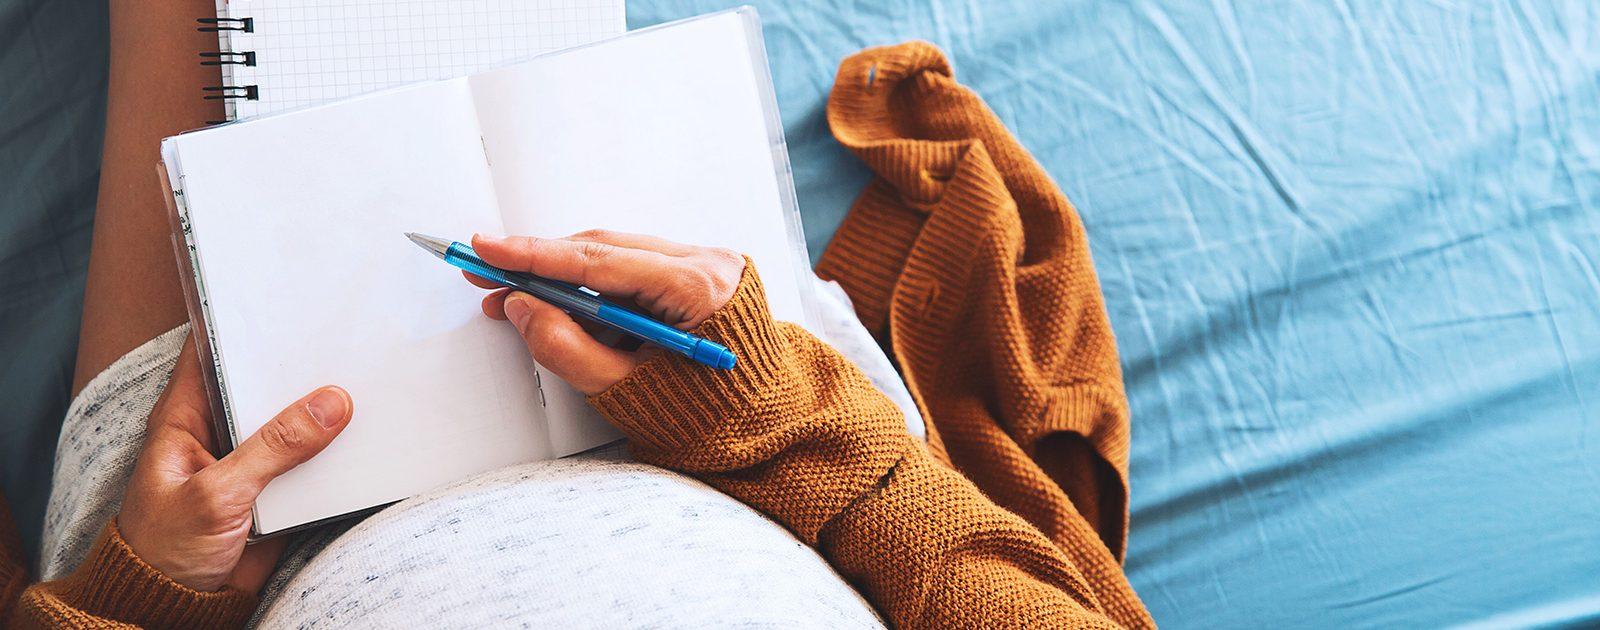 Schwangere Frau erstellt mit dem Laptop eine Checkliste für die Schwangerschaft und Geburt